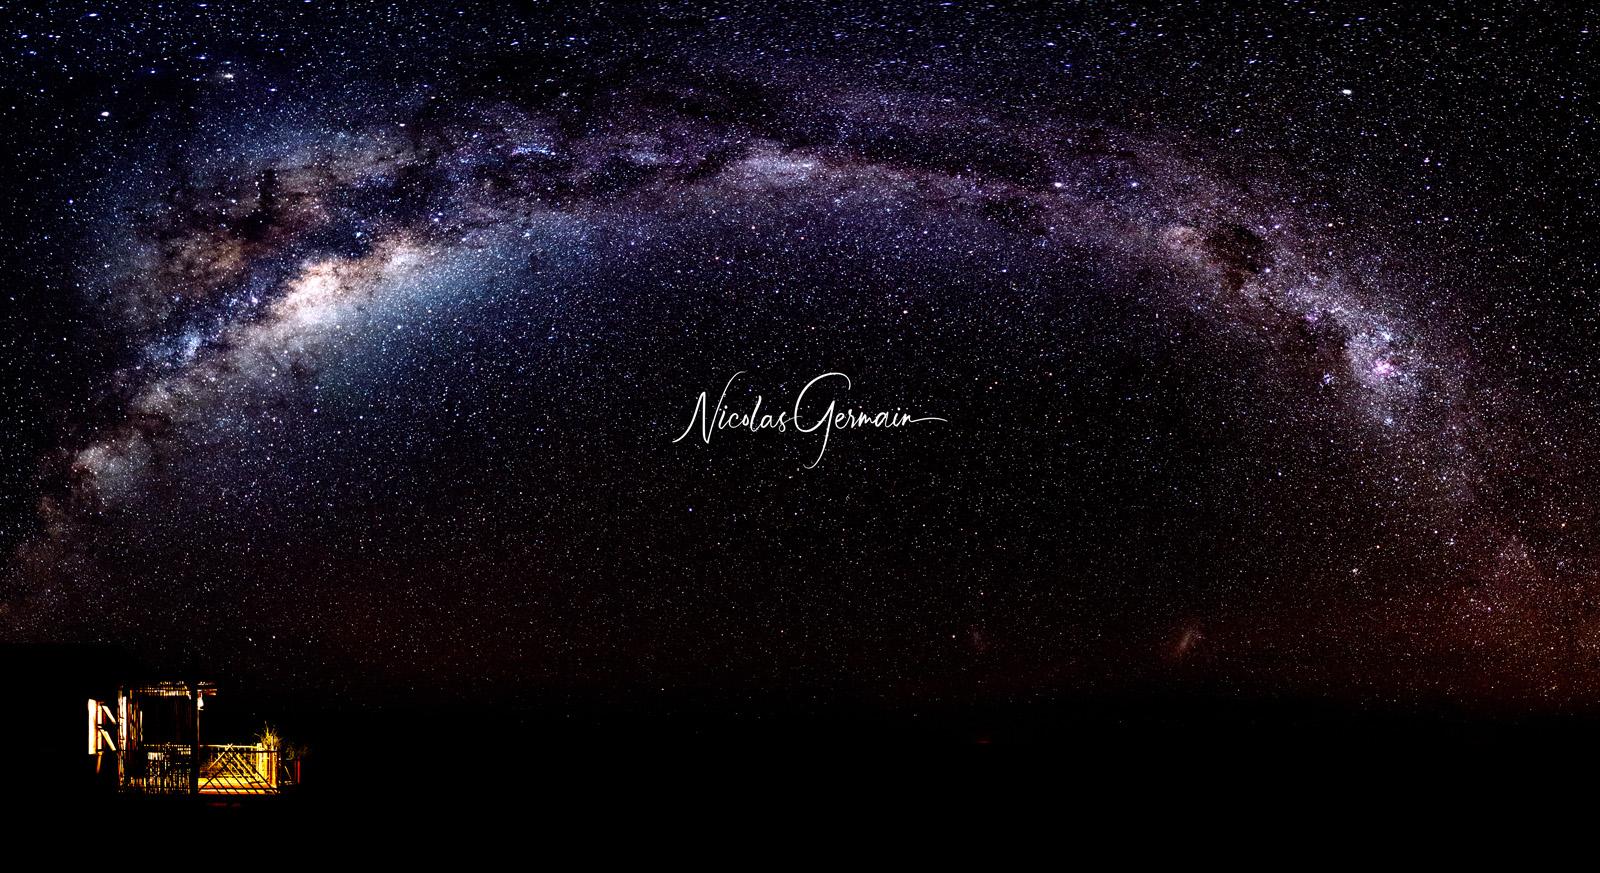 Sous la voute étoilée - Nicolas Germain, Spirit of USA